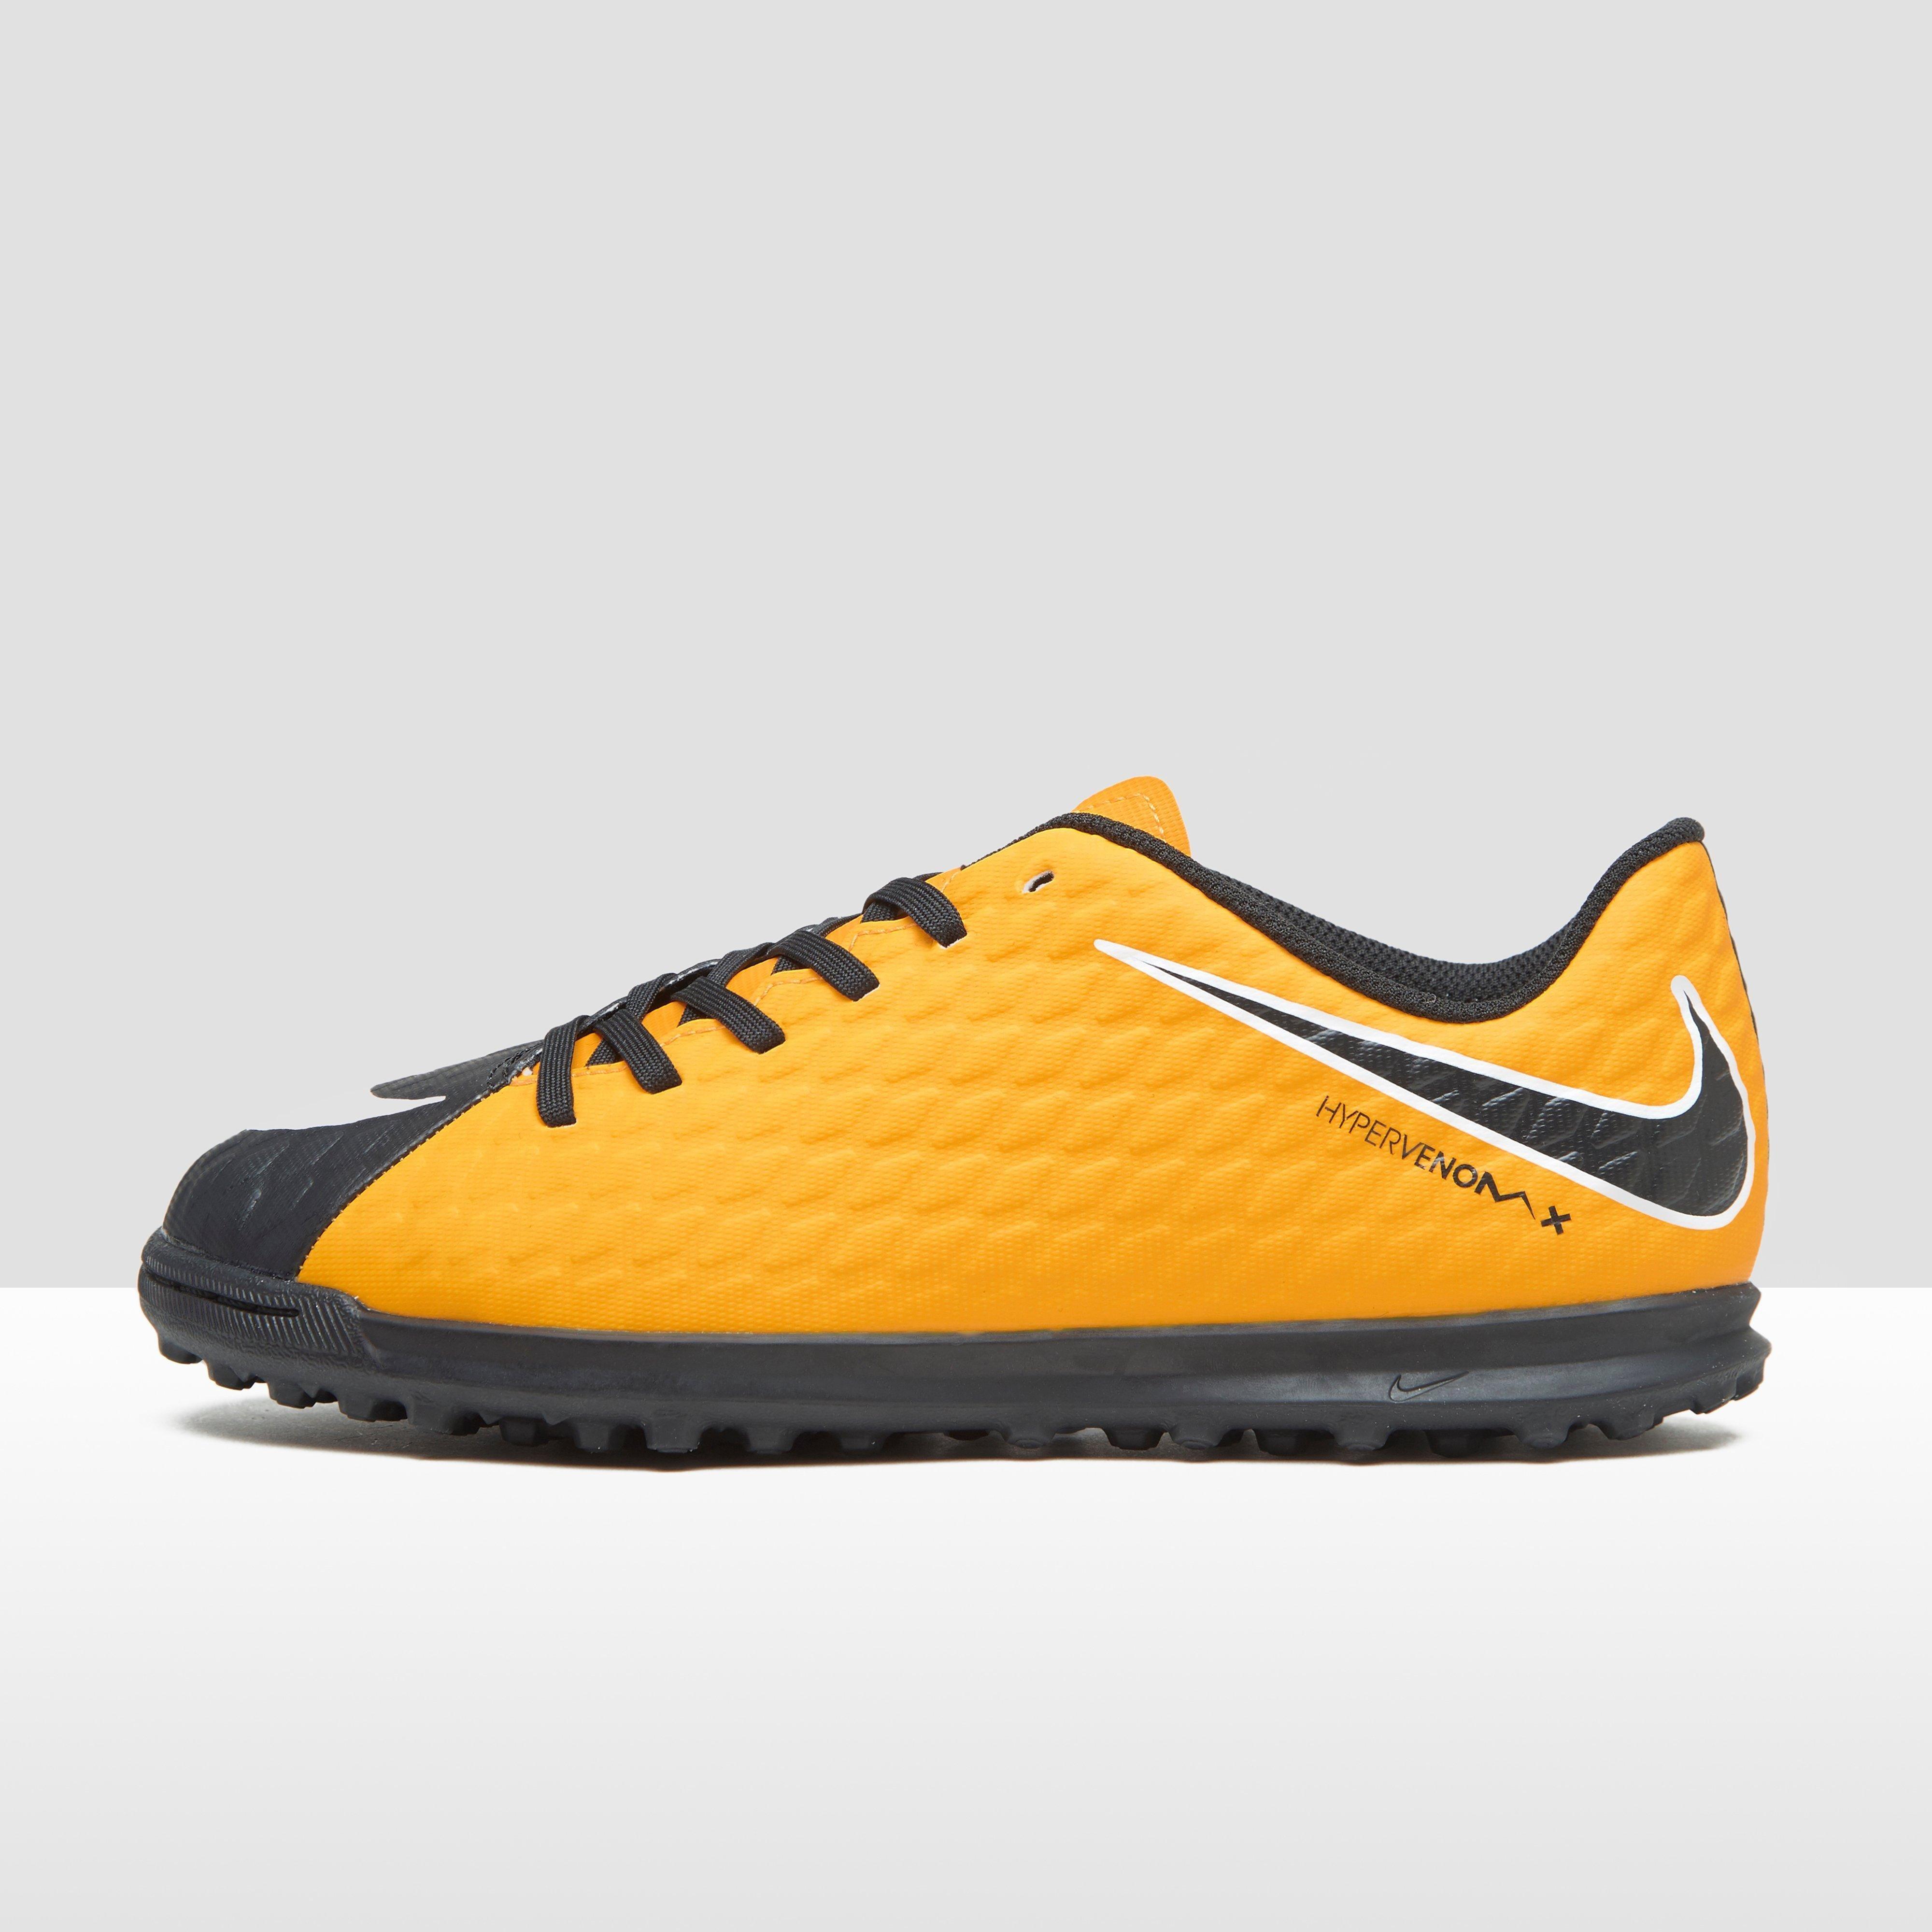 Phade Hommes Nike Iii Tf Bottes De Football - Noir - 44 Eu rKfkFHuZ